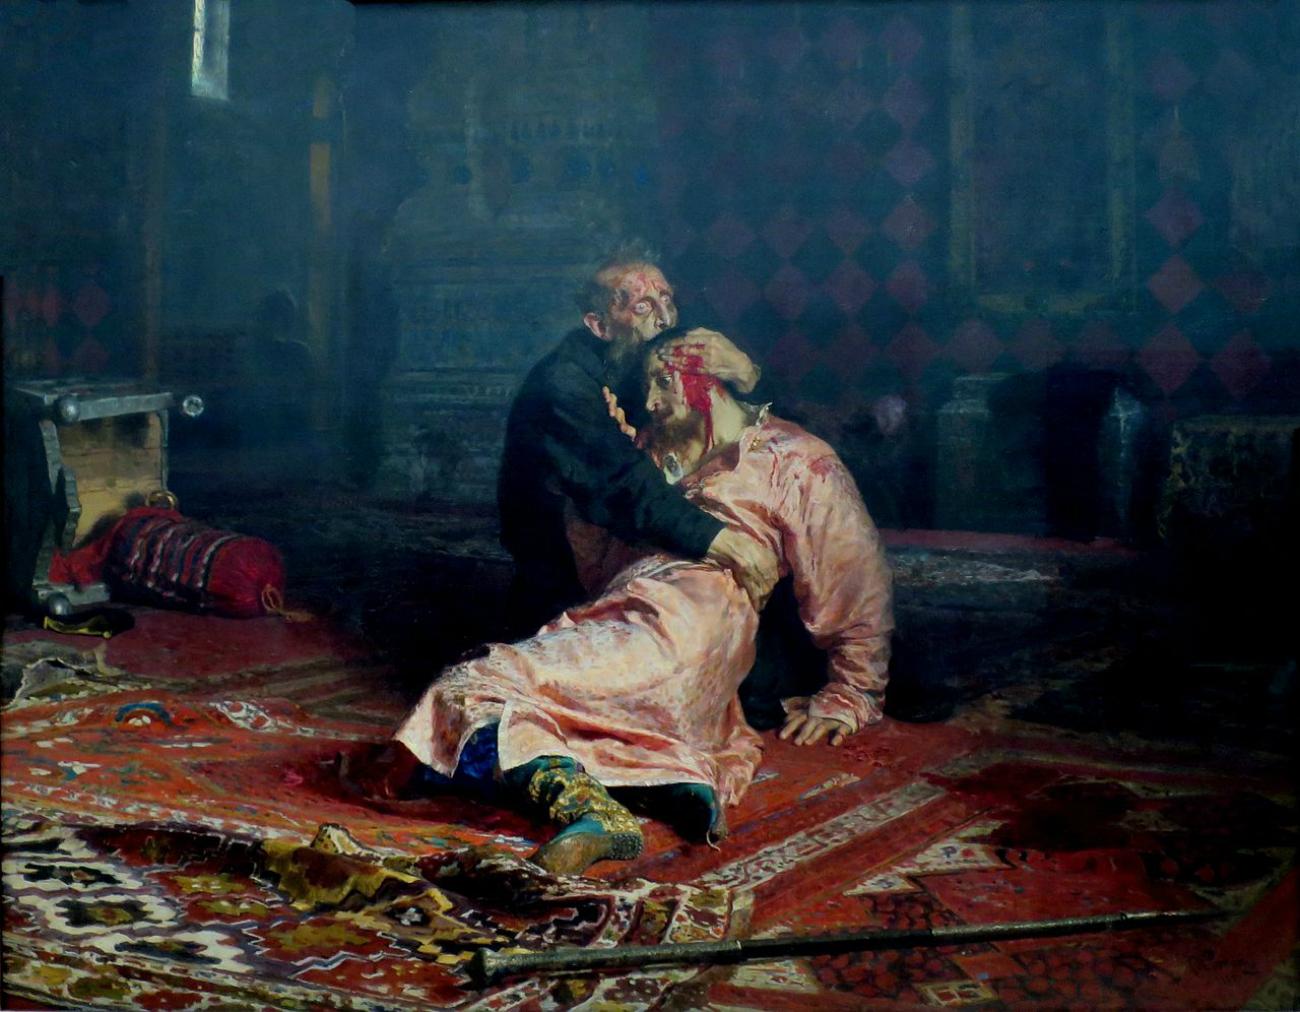 Ivan il Terribile e suo figlio Ivan. Ilya Repin, 1885. Fonte: Wikipedia.org